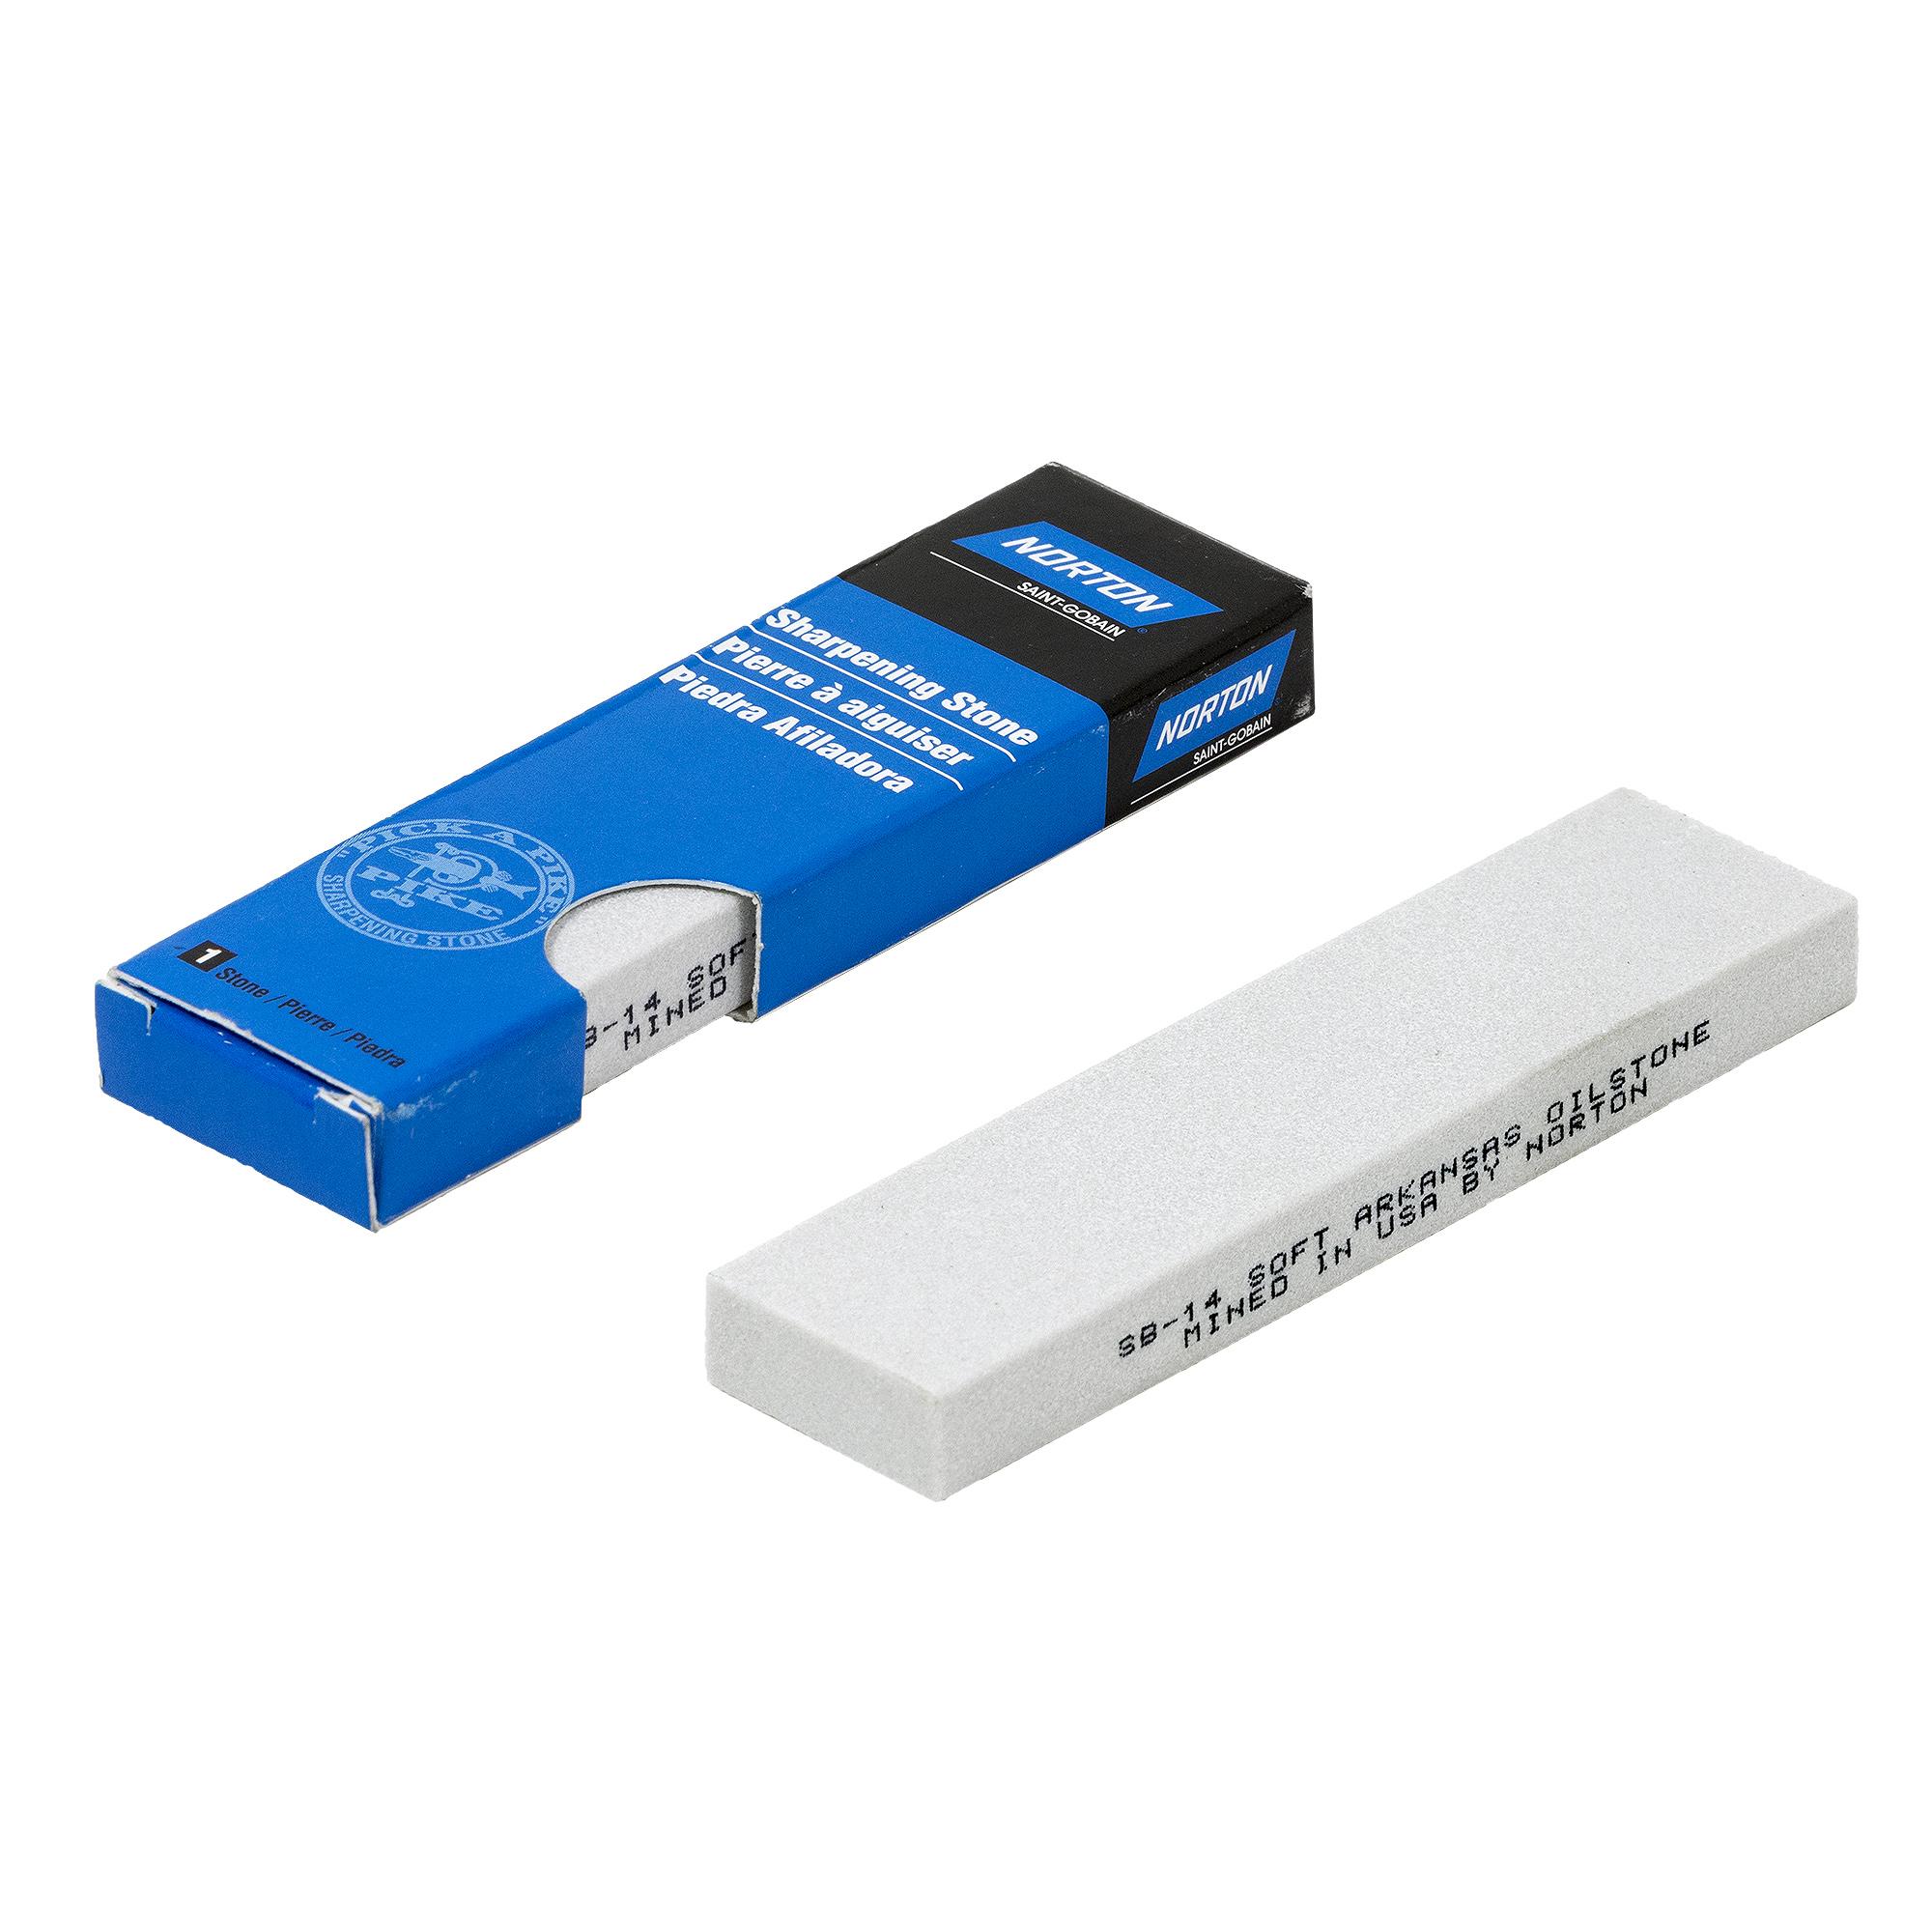 Norton ARKANSAS Soft Schleifstein Wetzstein 102x25x10 mm  | Industriequalität | 61463687565